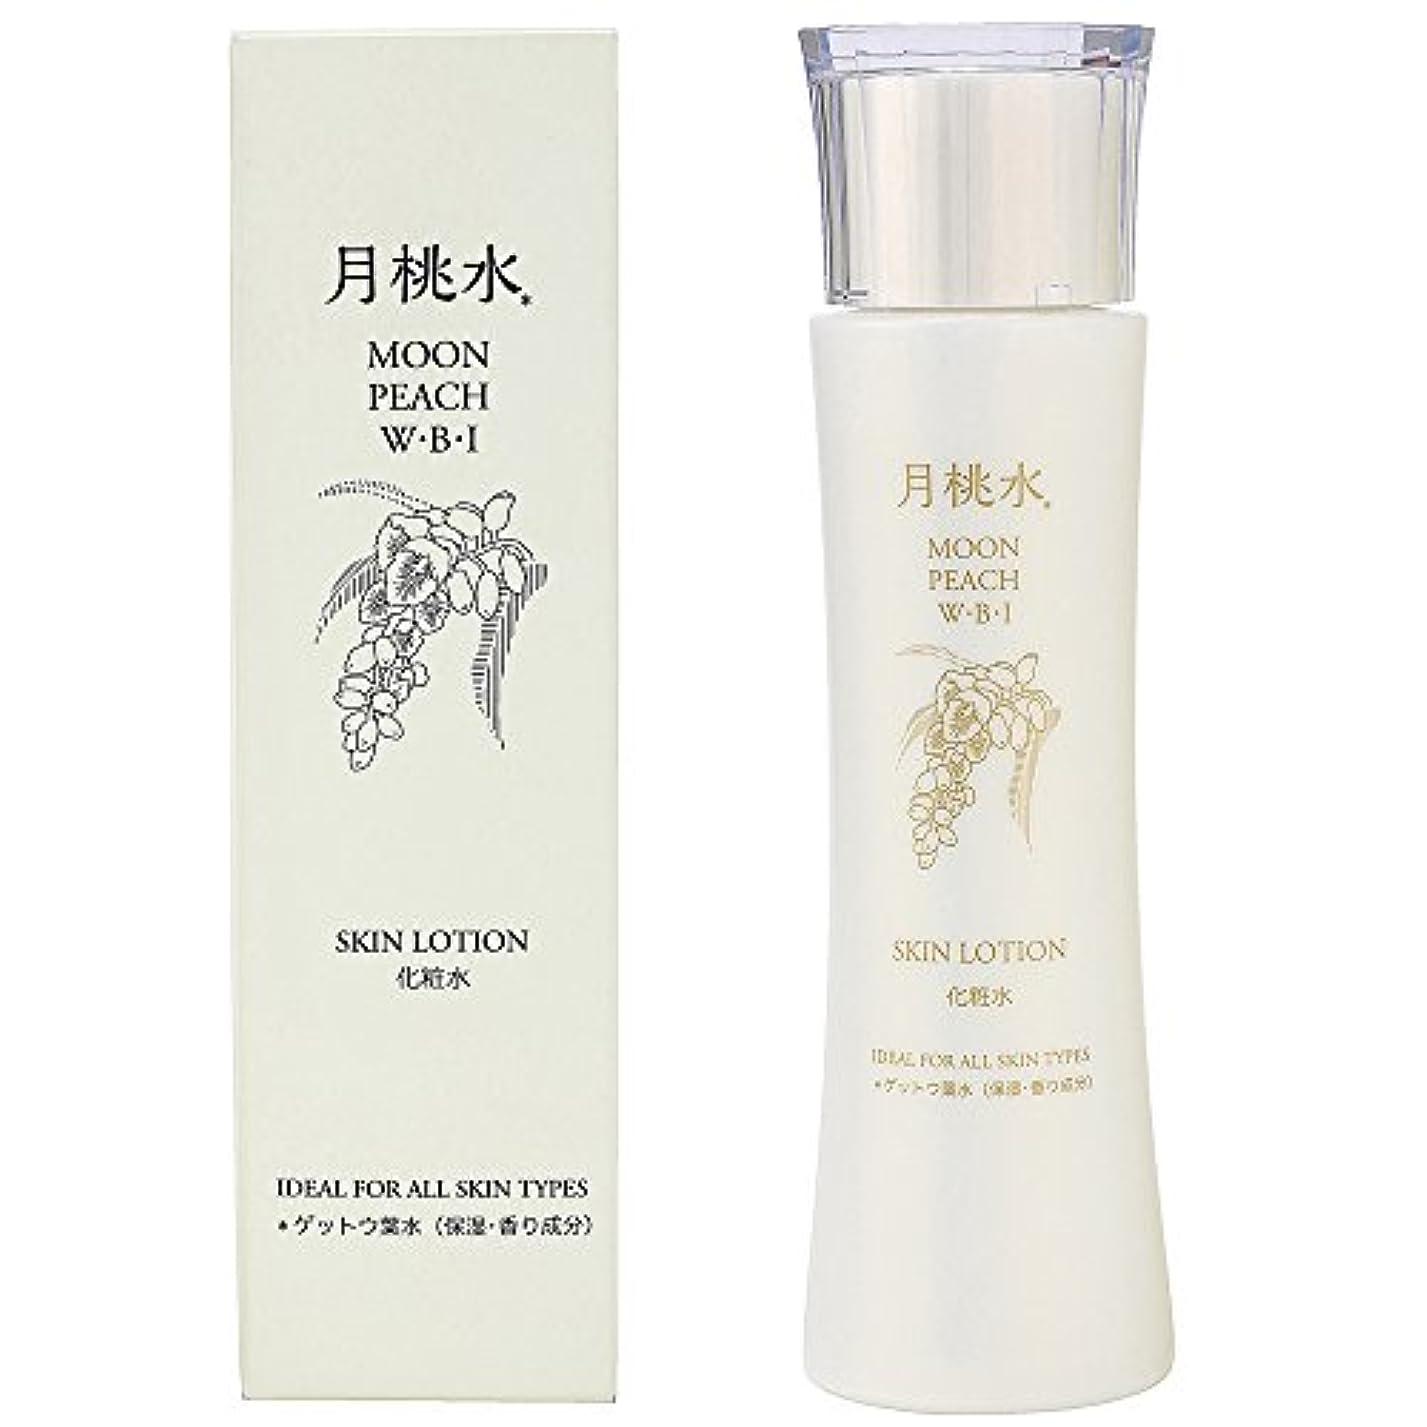 シマウマインシュレータ表面化粧水 月桃水 無農薬栽培 MOON PEACH 200ml 敏感肌